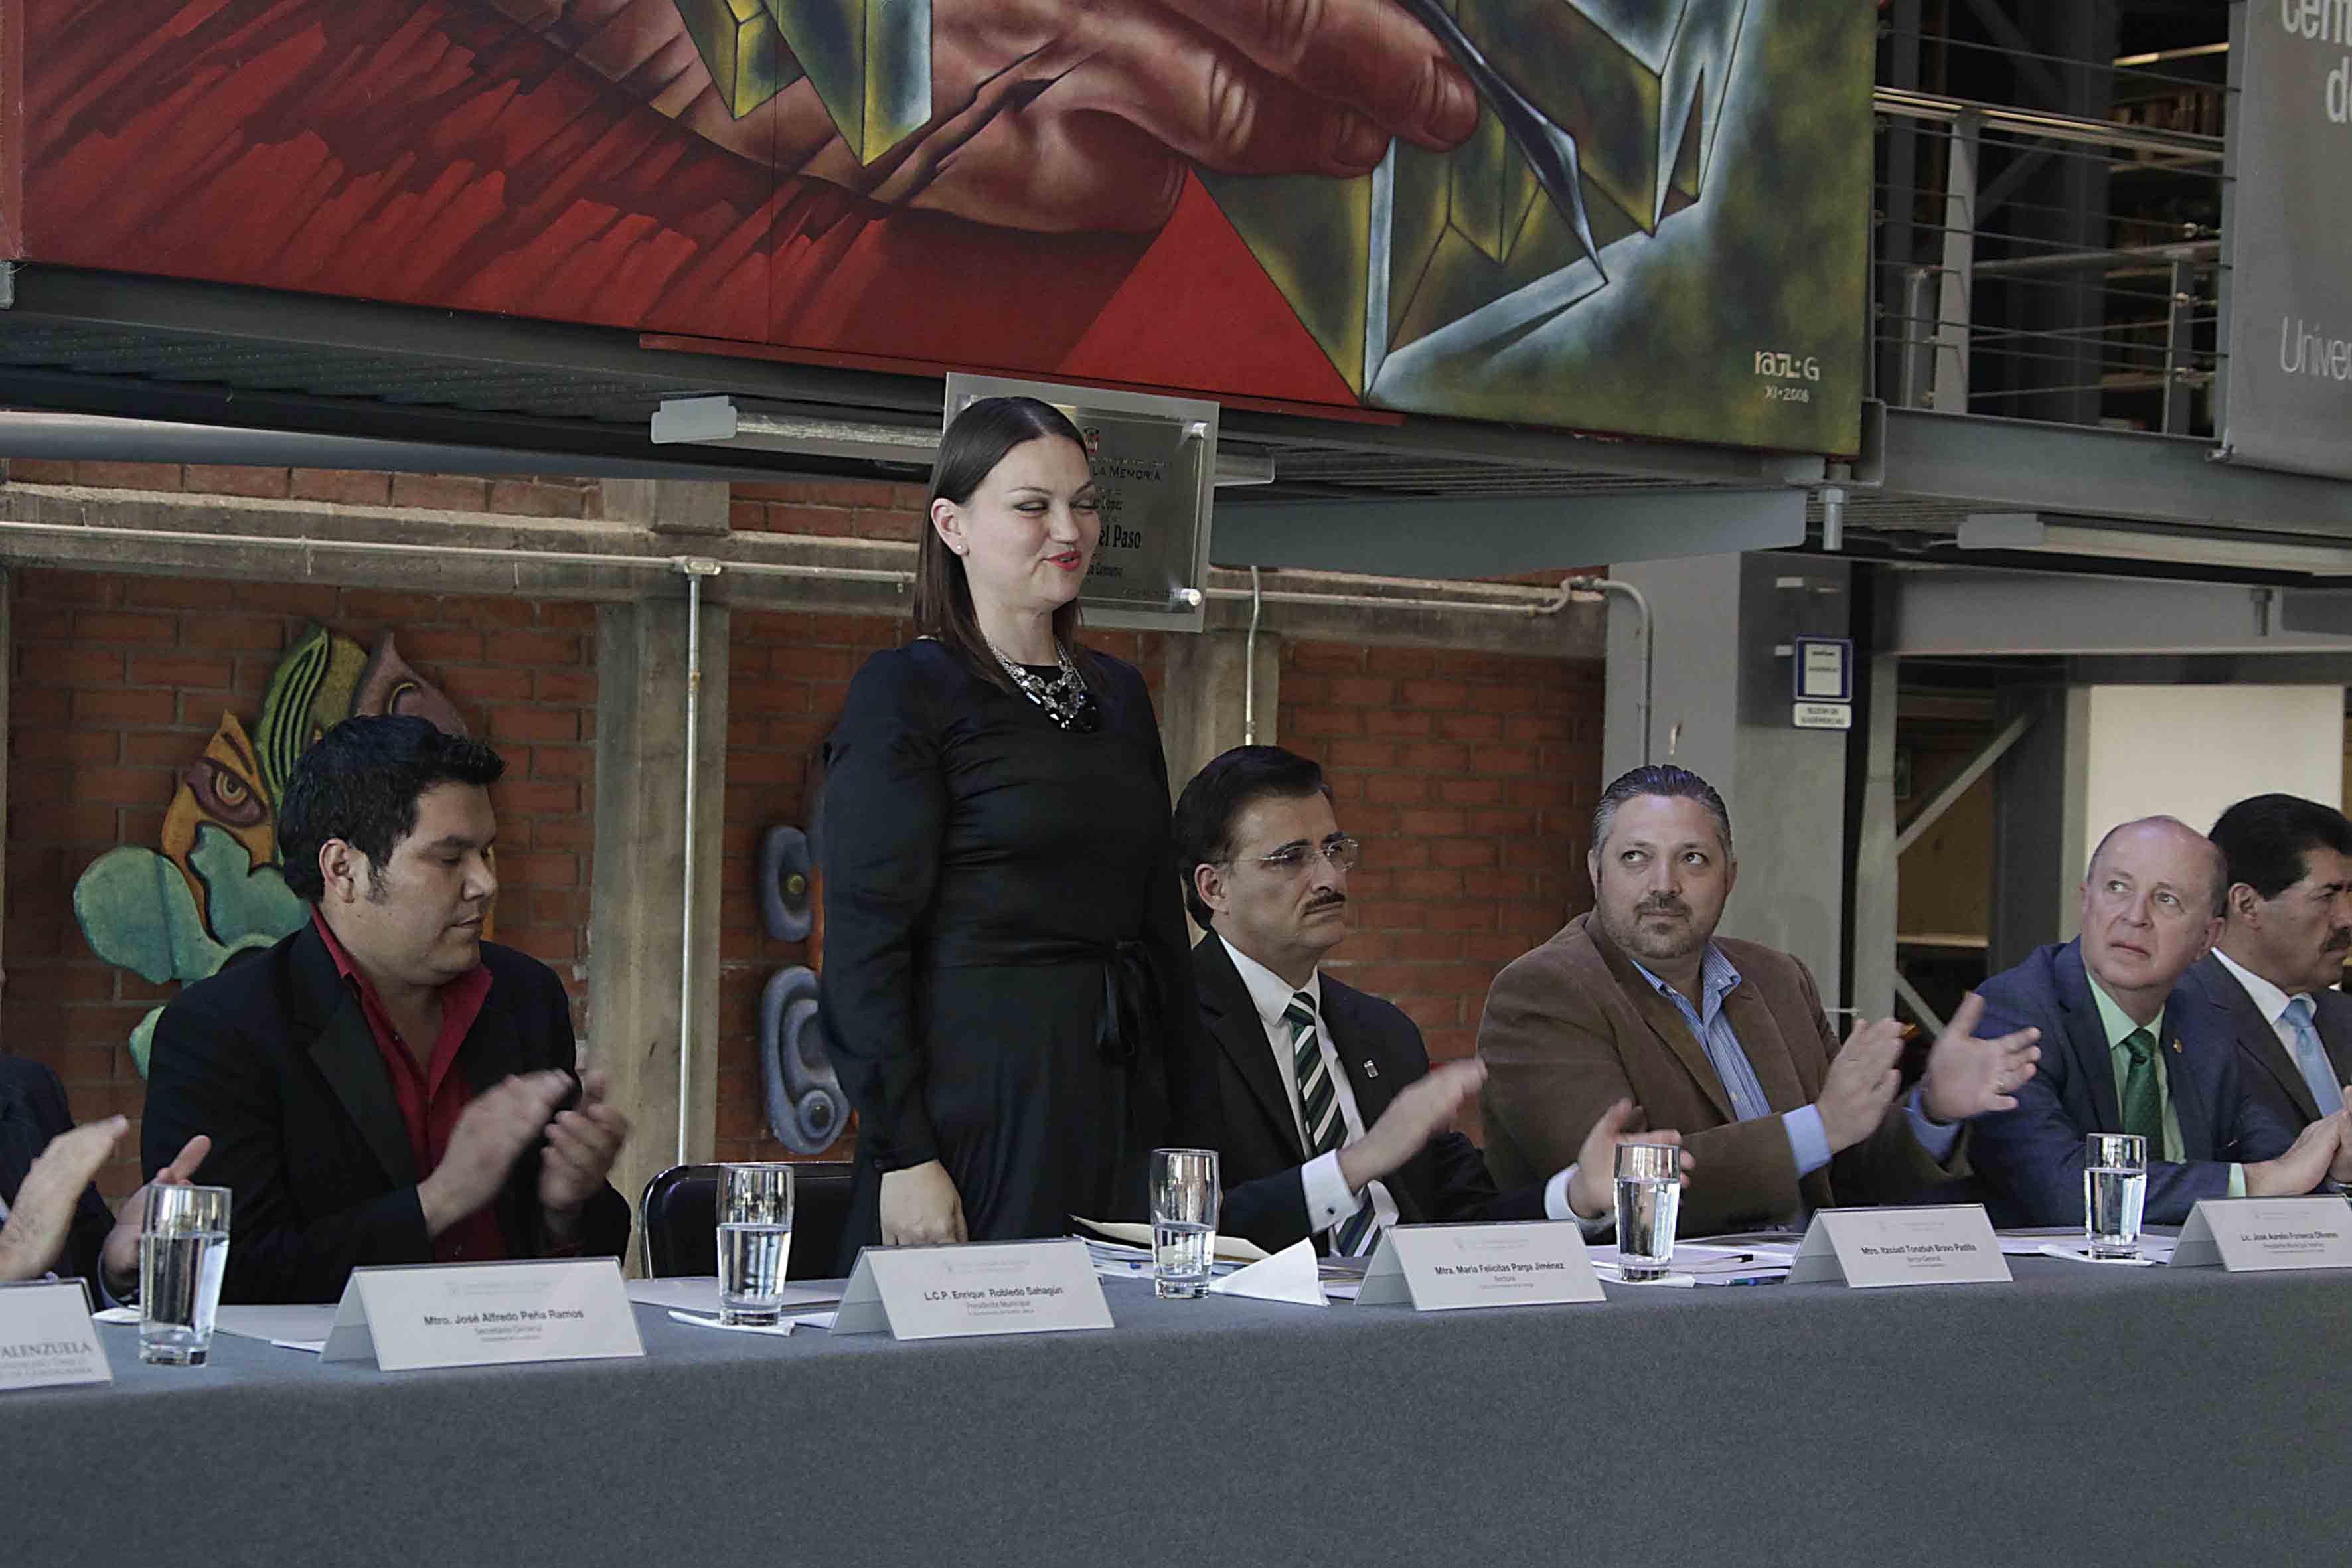 Presentación de la Rectora del Centro Universitario de la Ciénega, maestra María Felícitas Parga Jiménez en su segundo informe de actividades 2014-2015, y autoridades universitarias y del plantel.